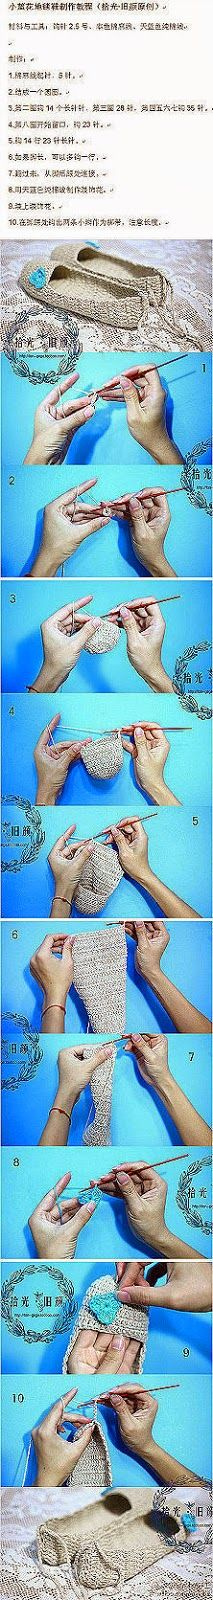 Grace y todo en Crochet: PASO A PASO EN CROCHET...STEP BY STEP IN CROCHET ....